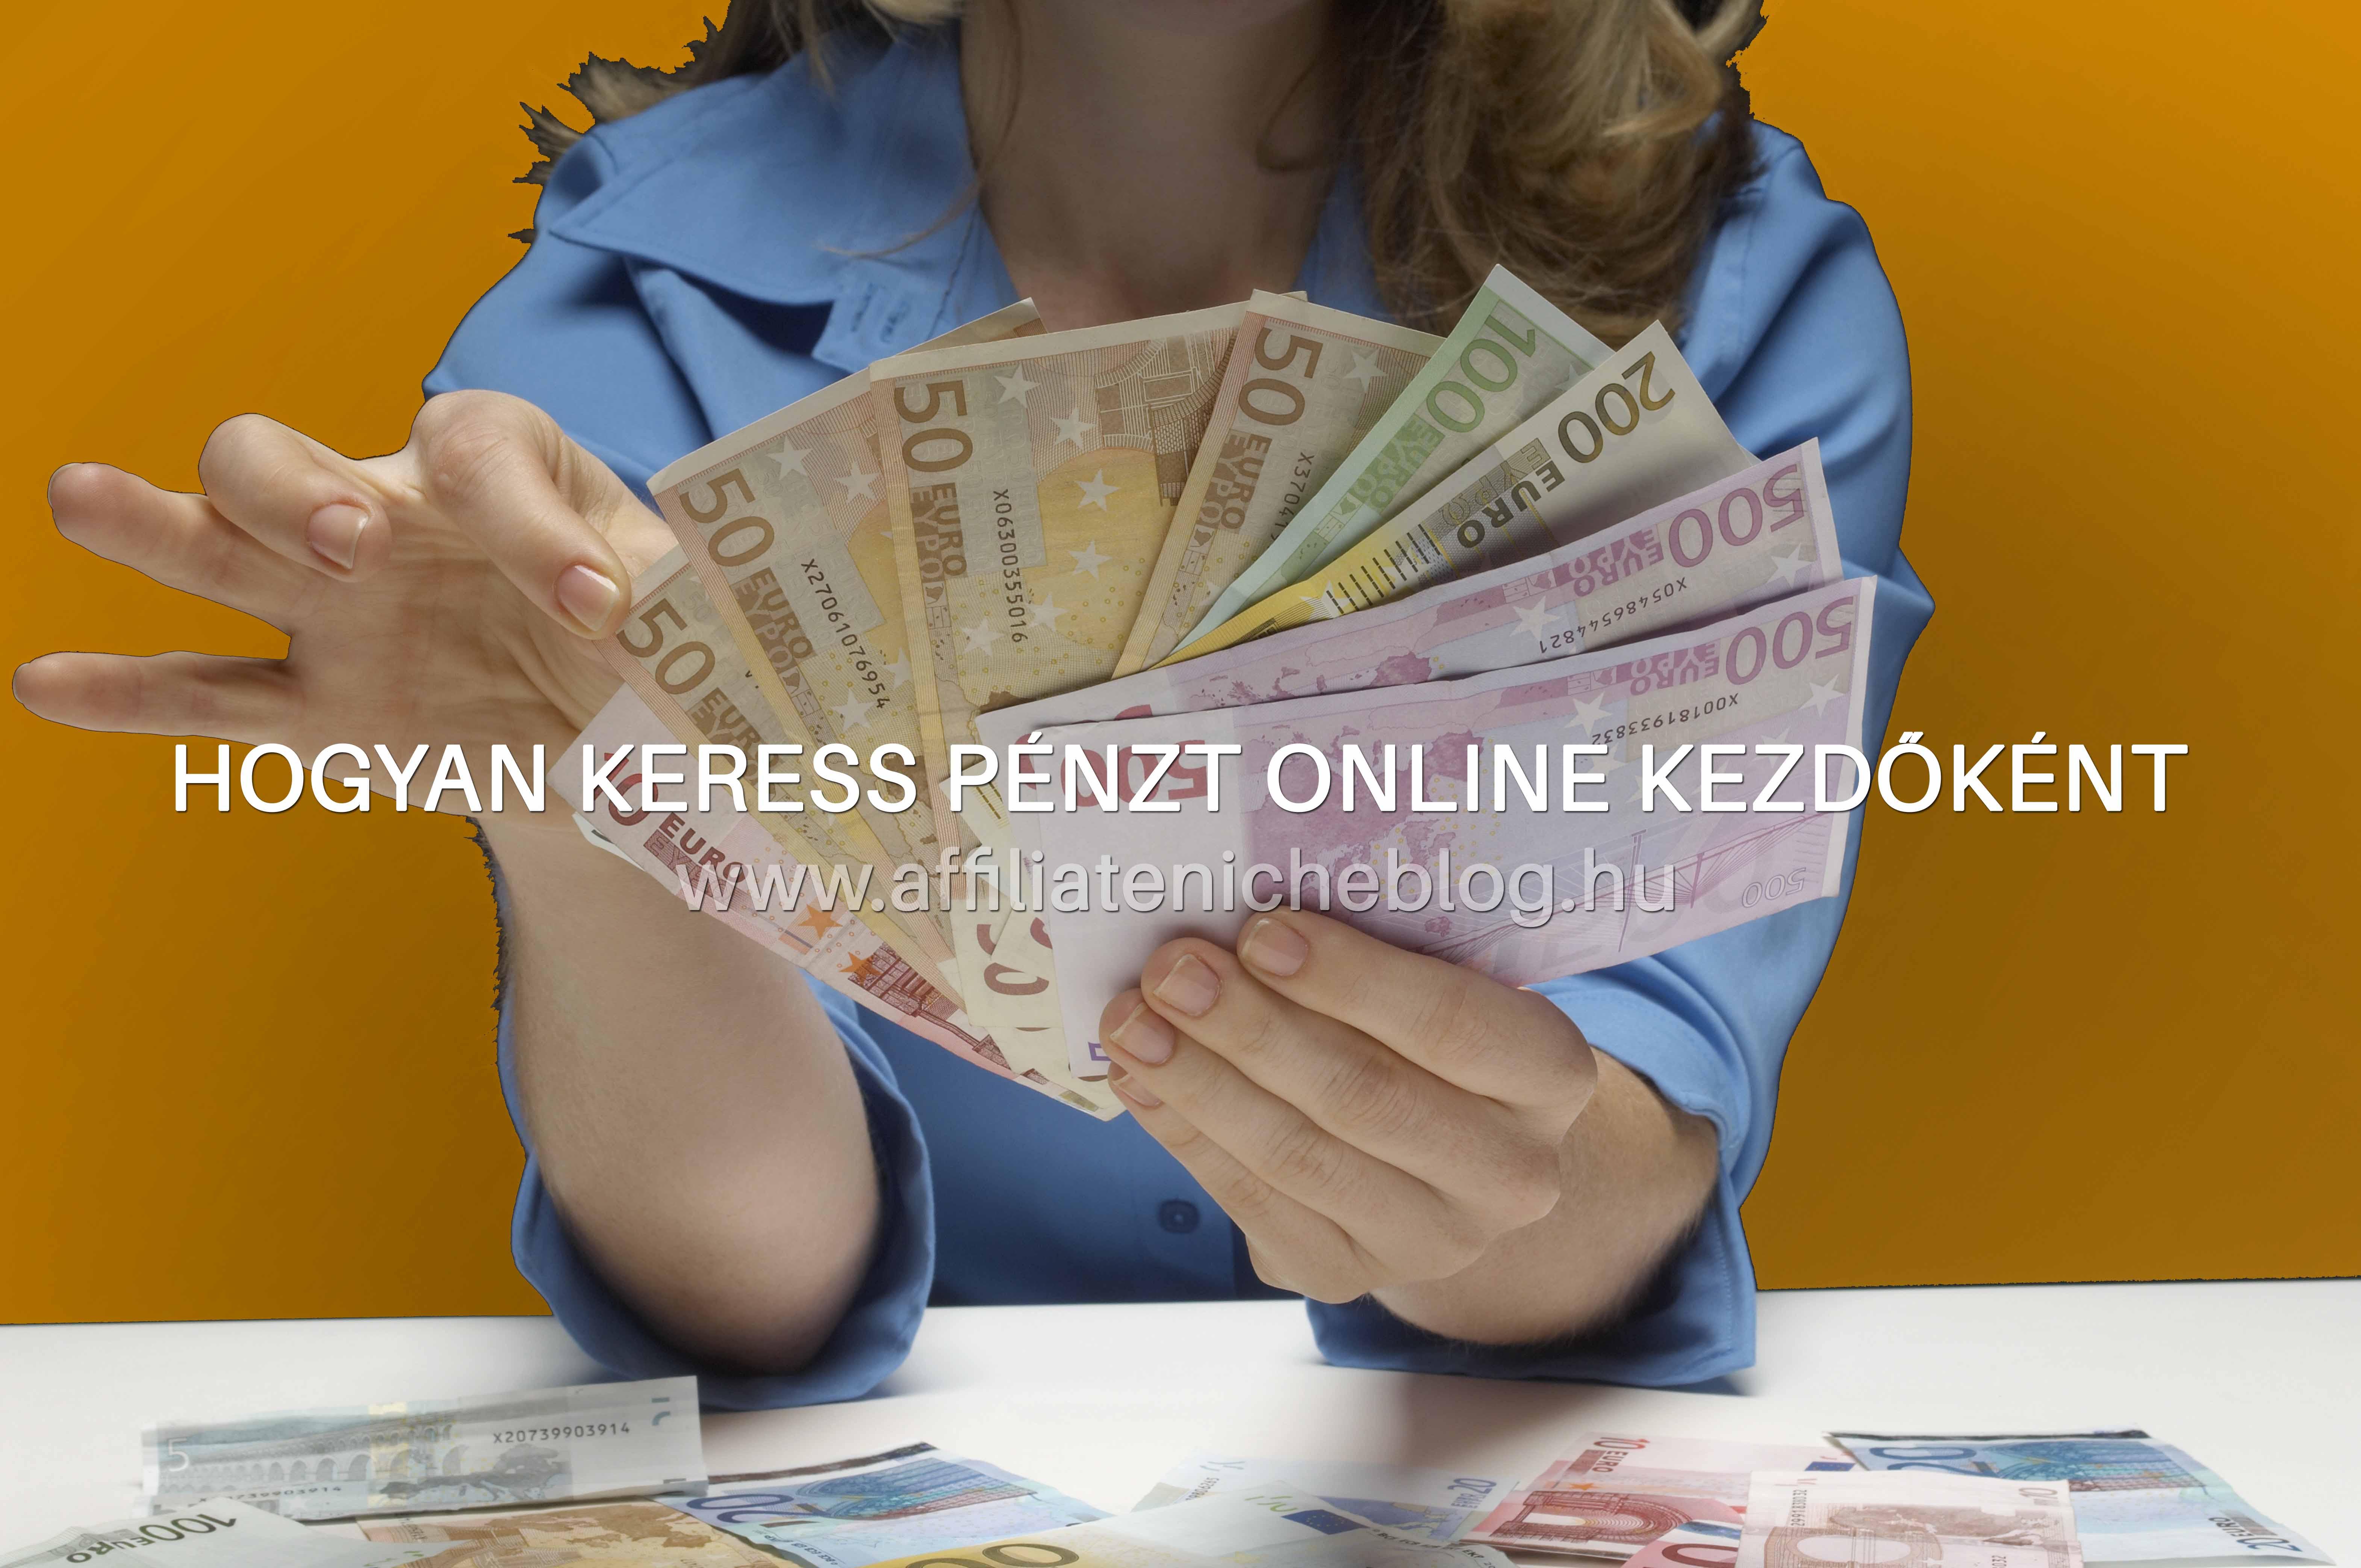 mondja meg, ki keres pénzt az interneten